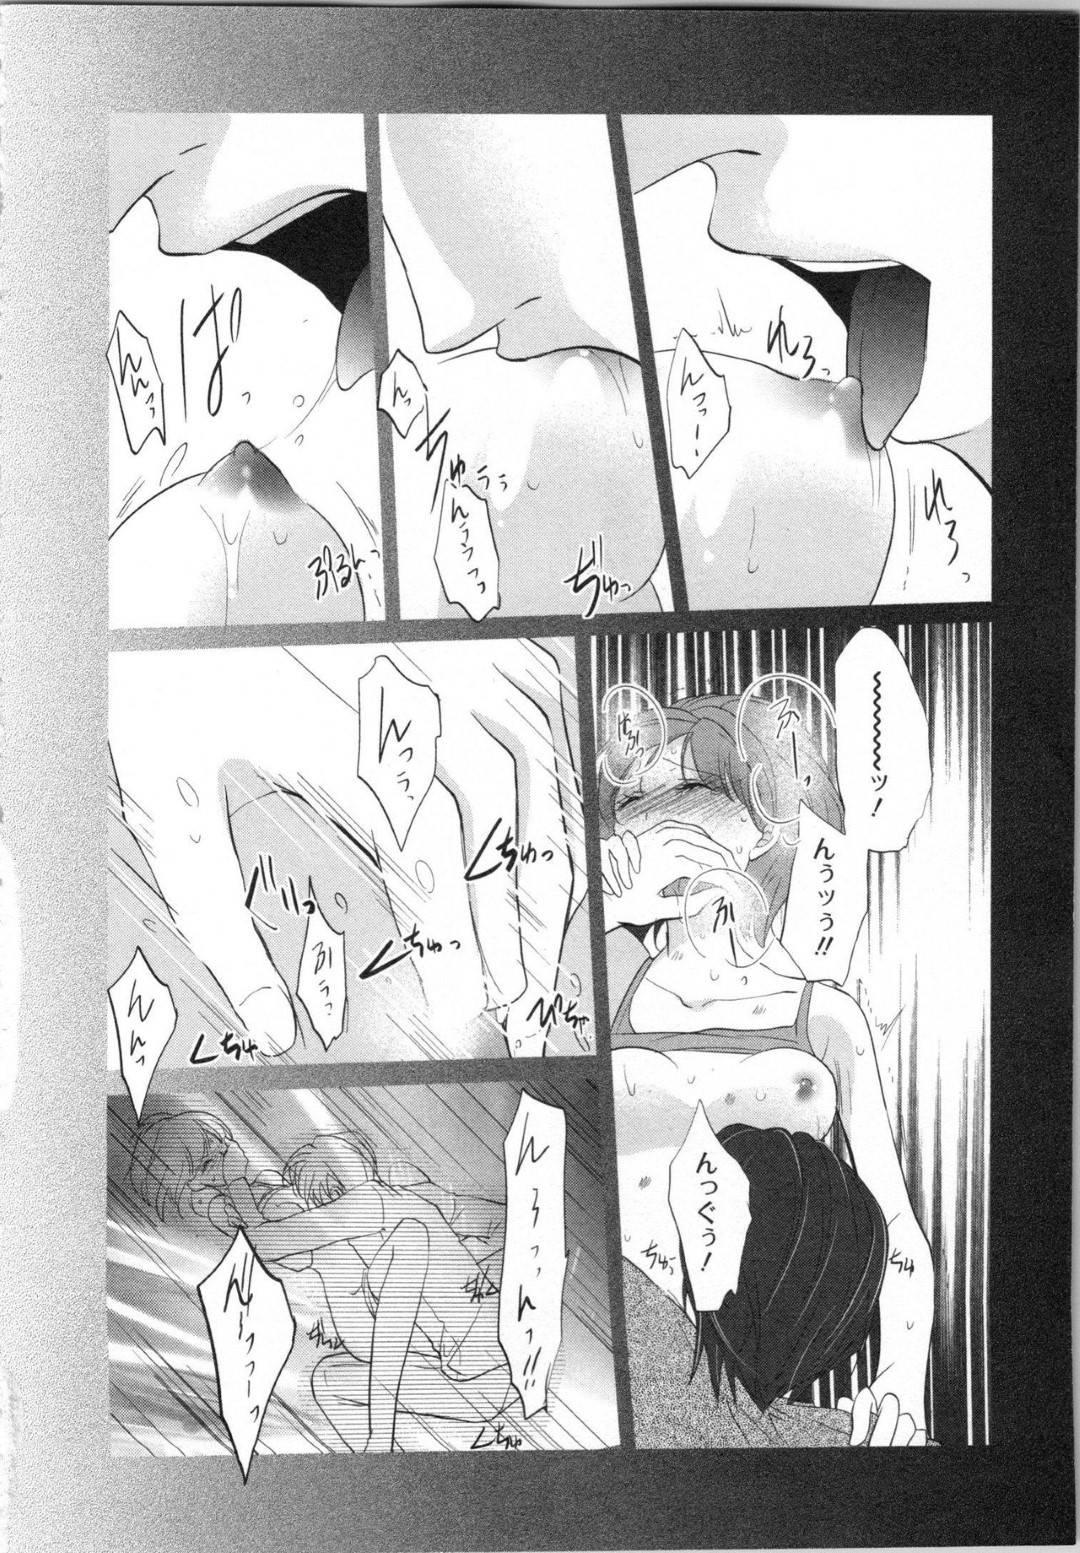 【エロ同人誌】近所に不審者が出たため教師である変態イケメン伯父が家に泊まることになり押し倒されてディープキスされてしまう美少女JK…一度回避するも反発ばかりして伯父の劣情を煽ってしまい2人きりの家で再び身体を求められてしまう…!【PIKOPIKO:制服プレイ 第3話】